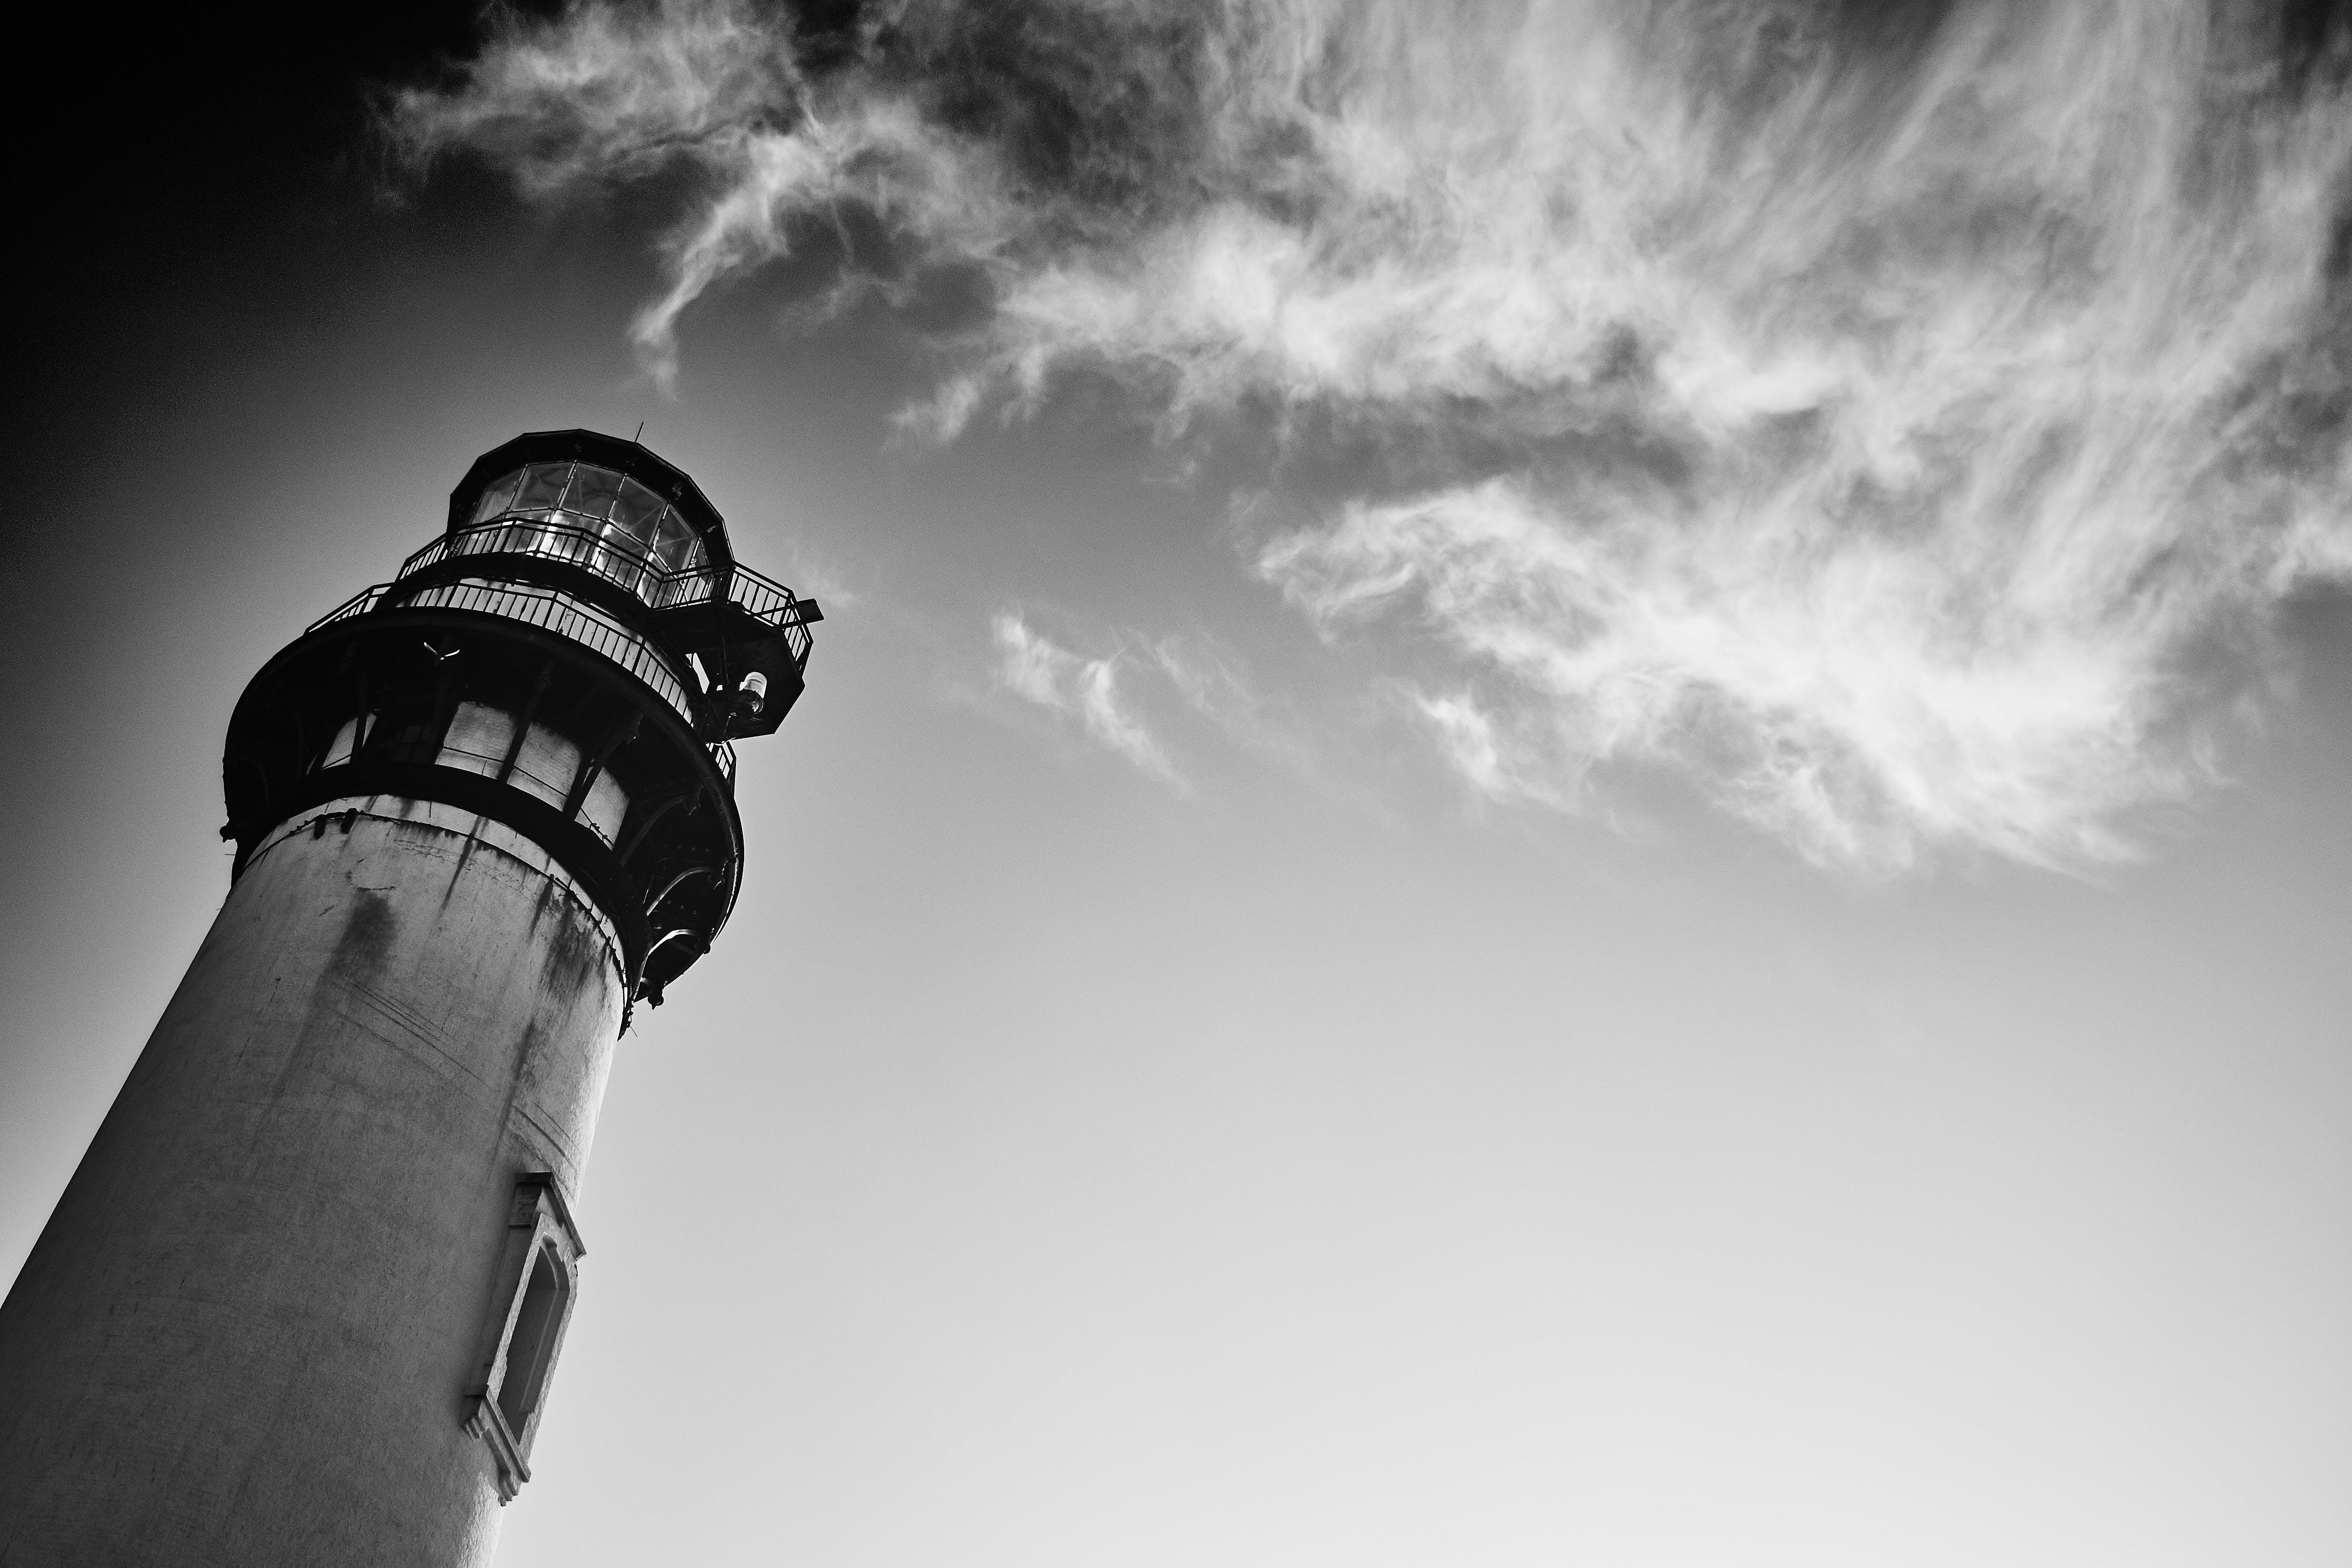 de alto, arquitectura, blanco y negro, cielo